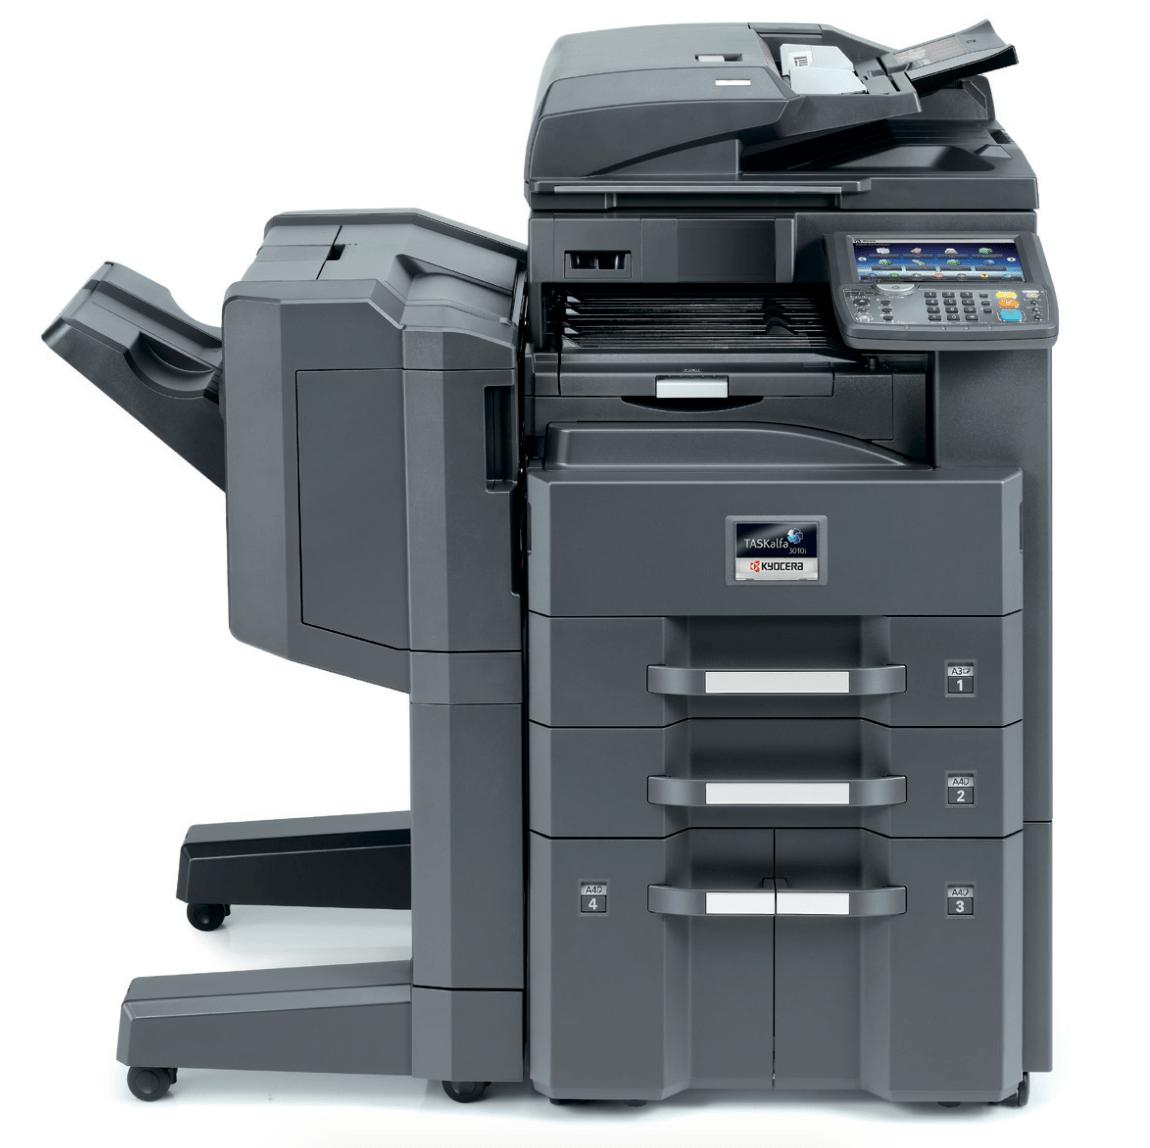 Kyocera TASKalfa 3010i MFP NDPS Drivers PC